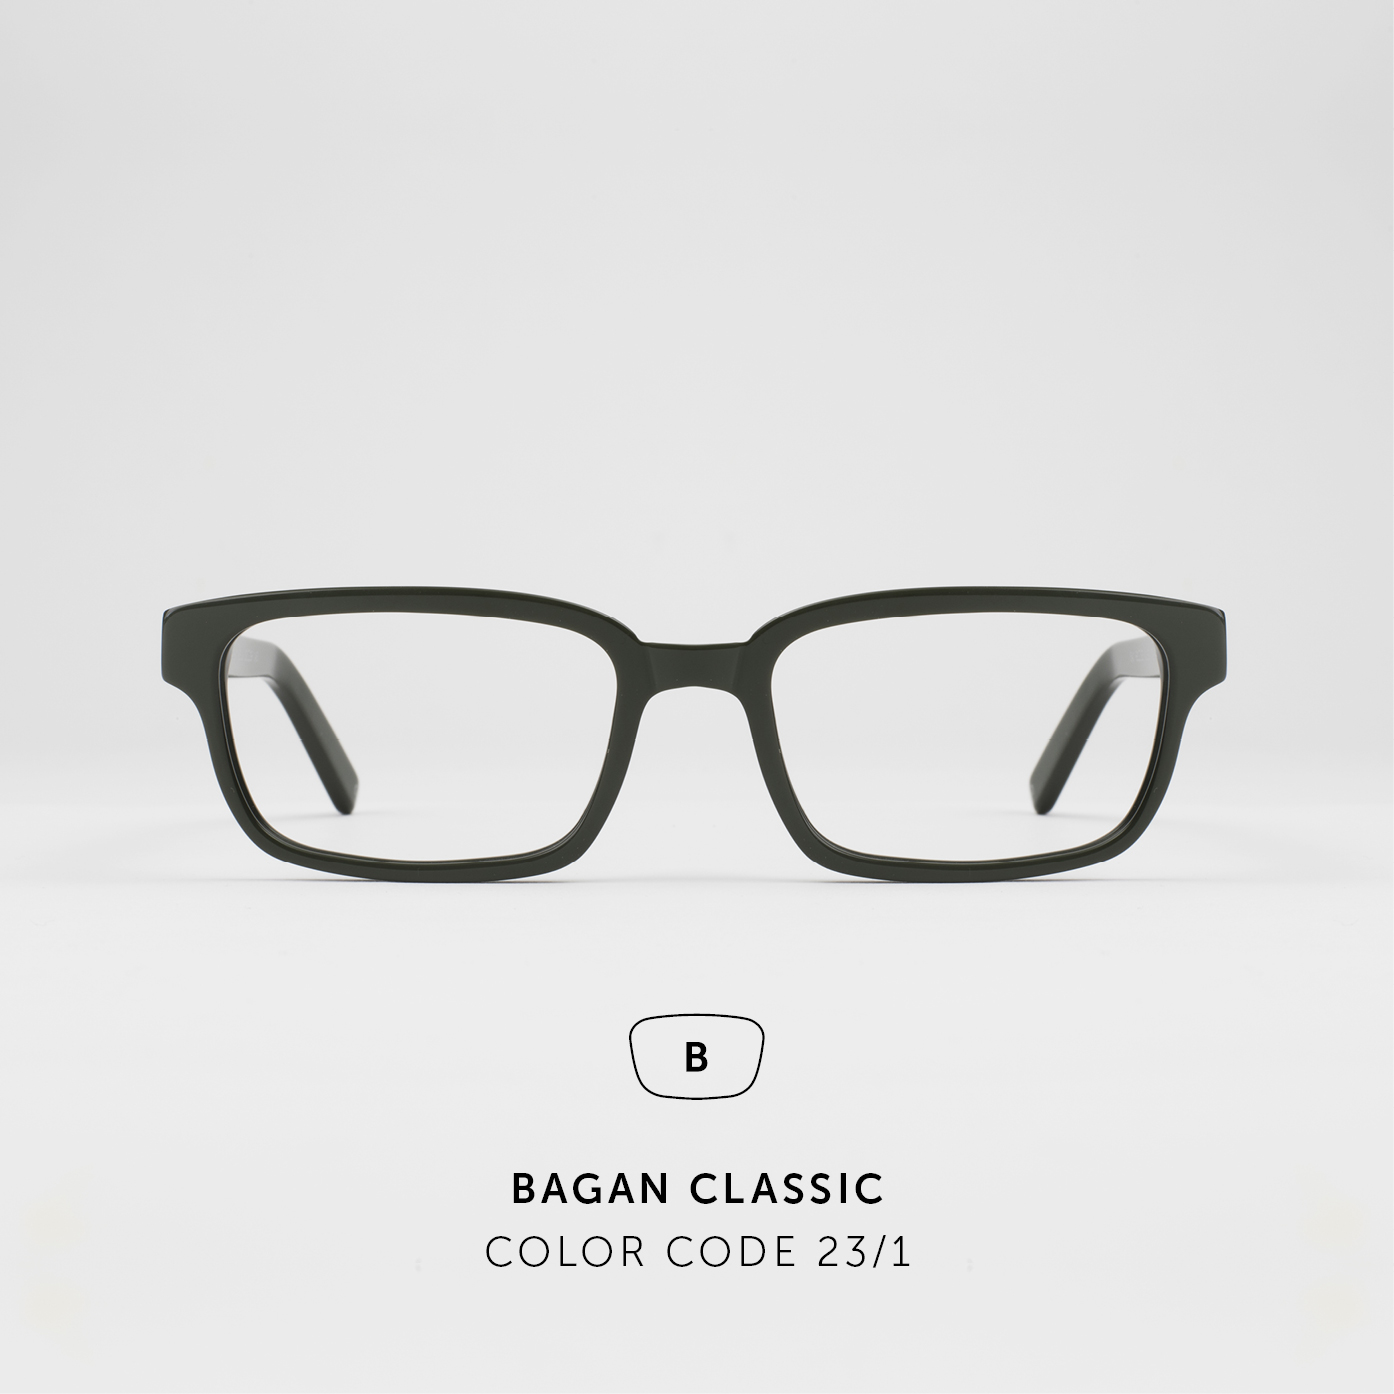 BaganClassic53.jpg